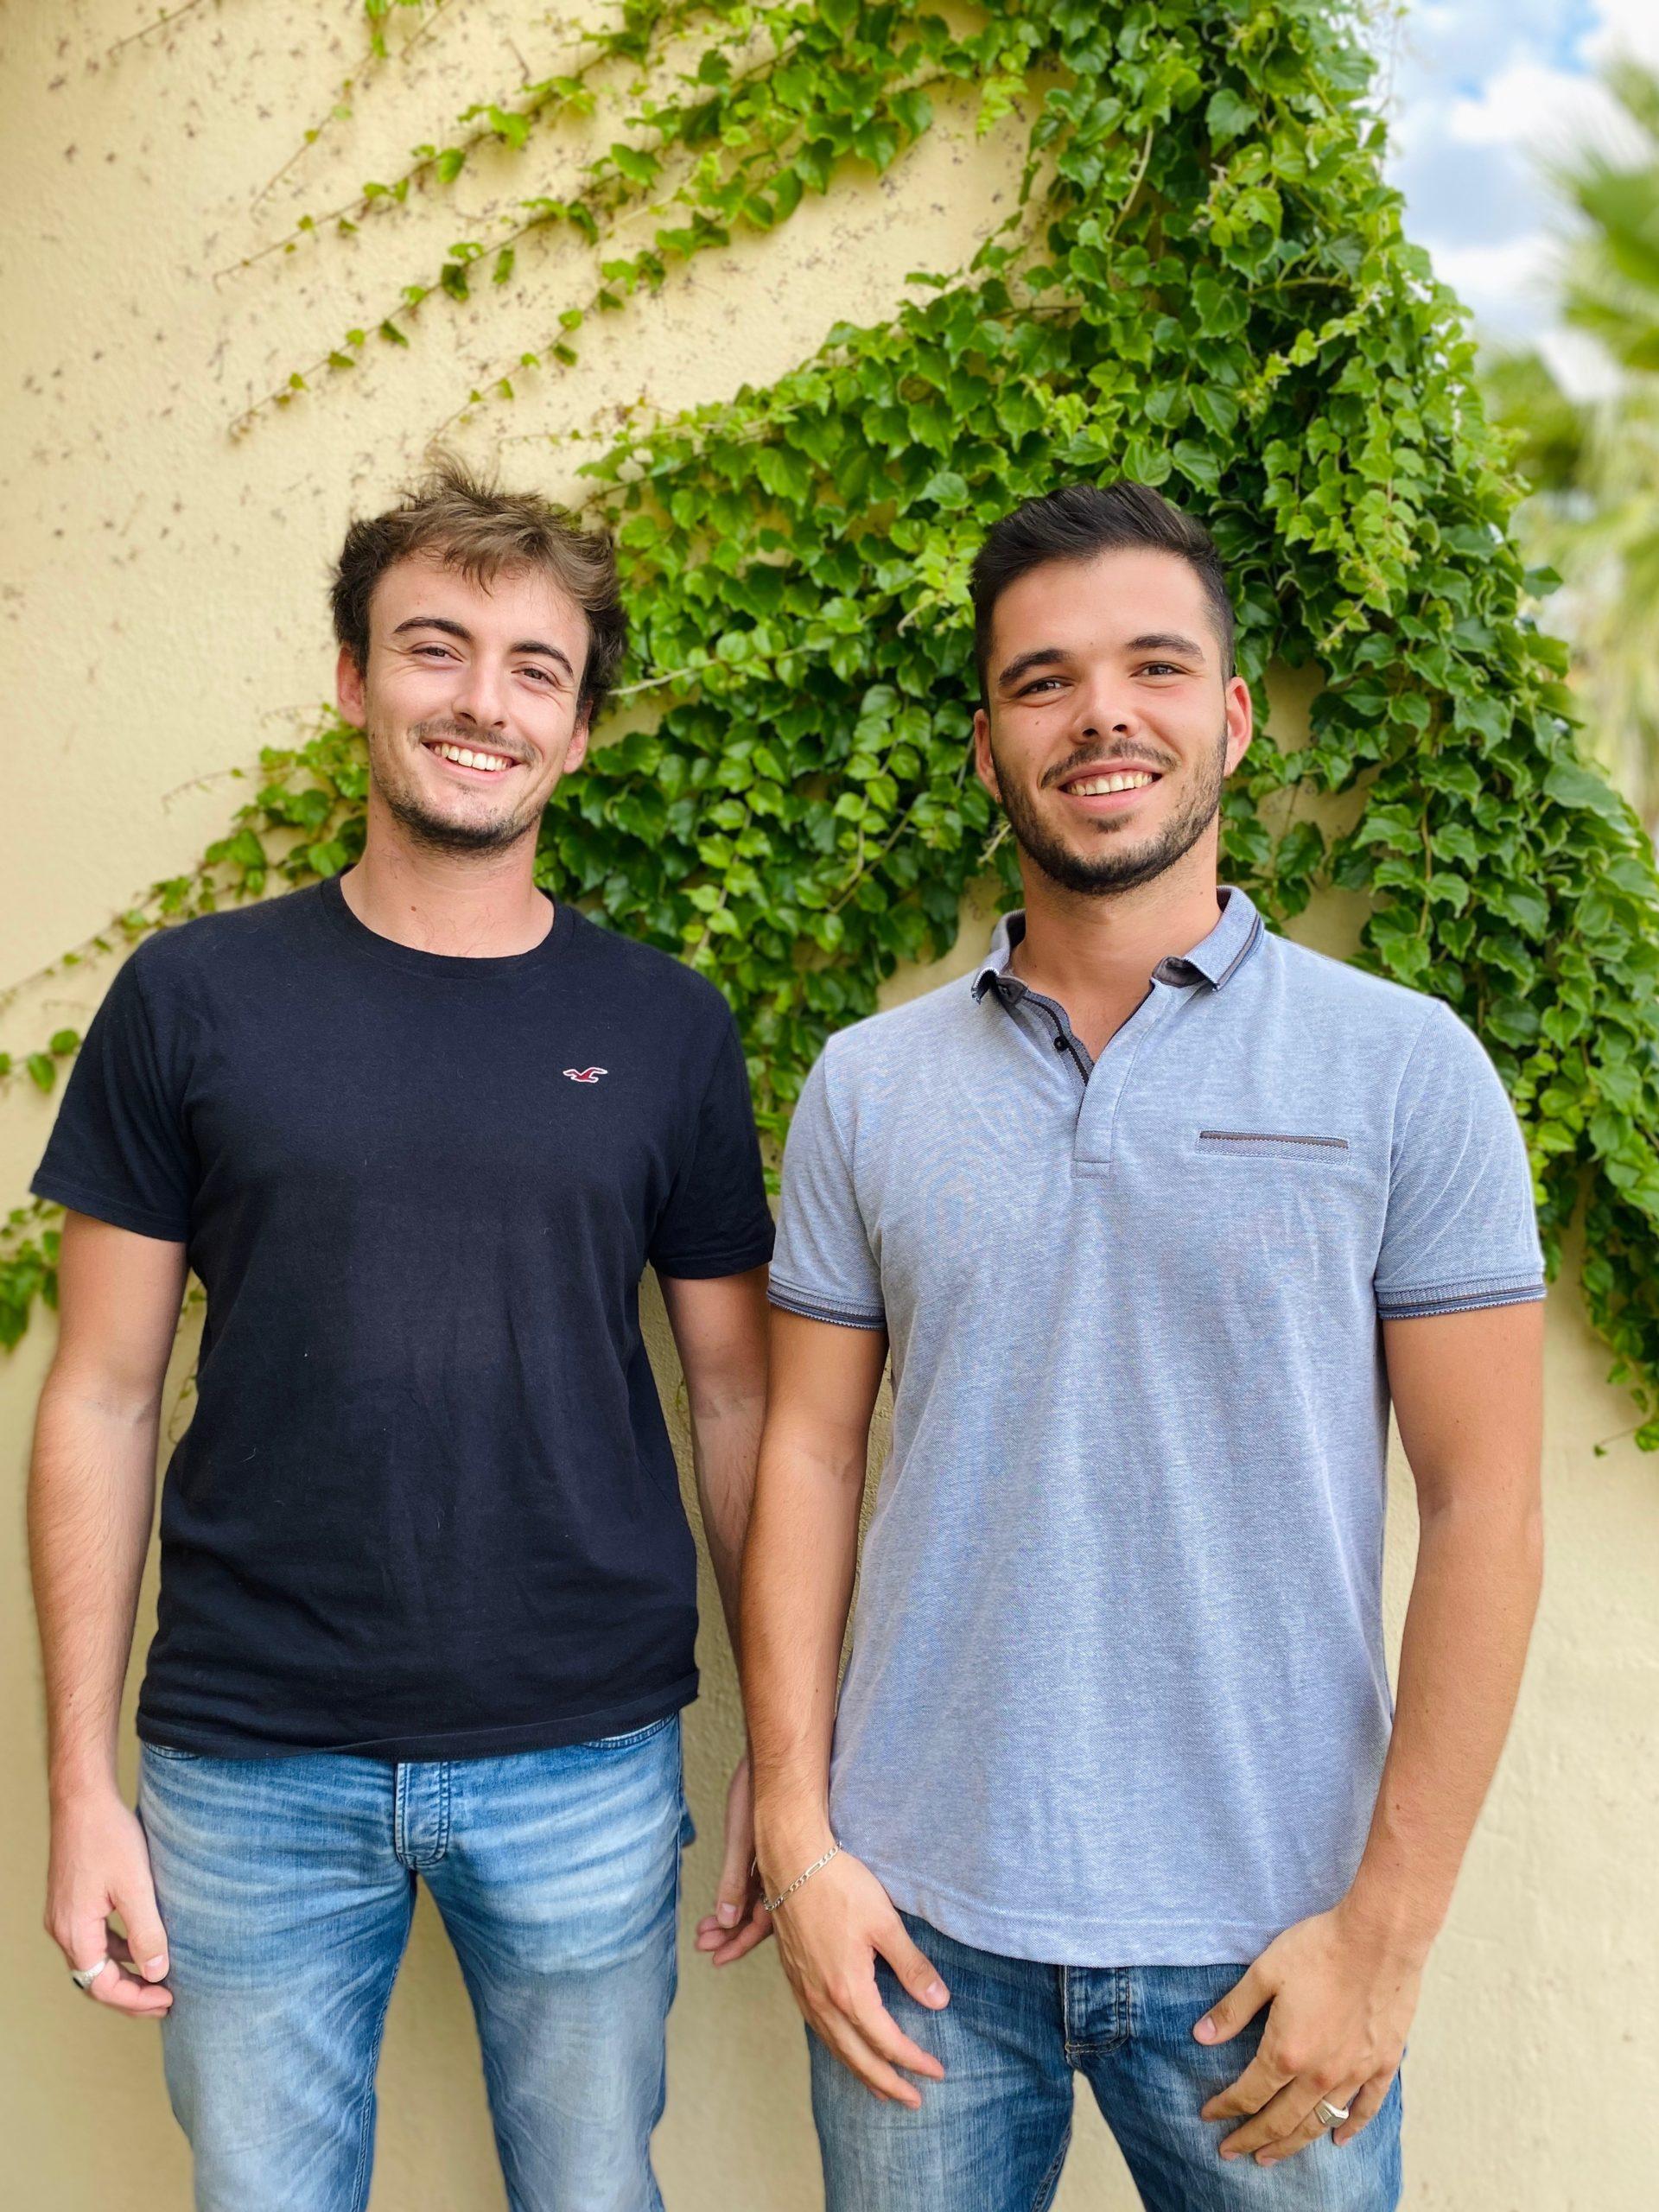 Tom et thomas fondateurs de greenkit, photo classique